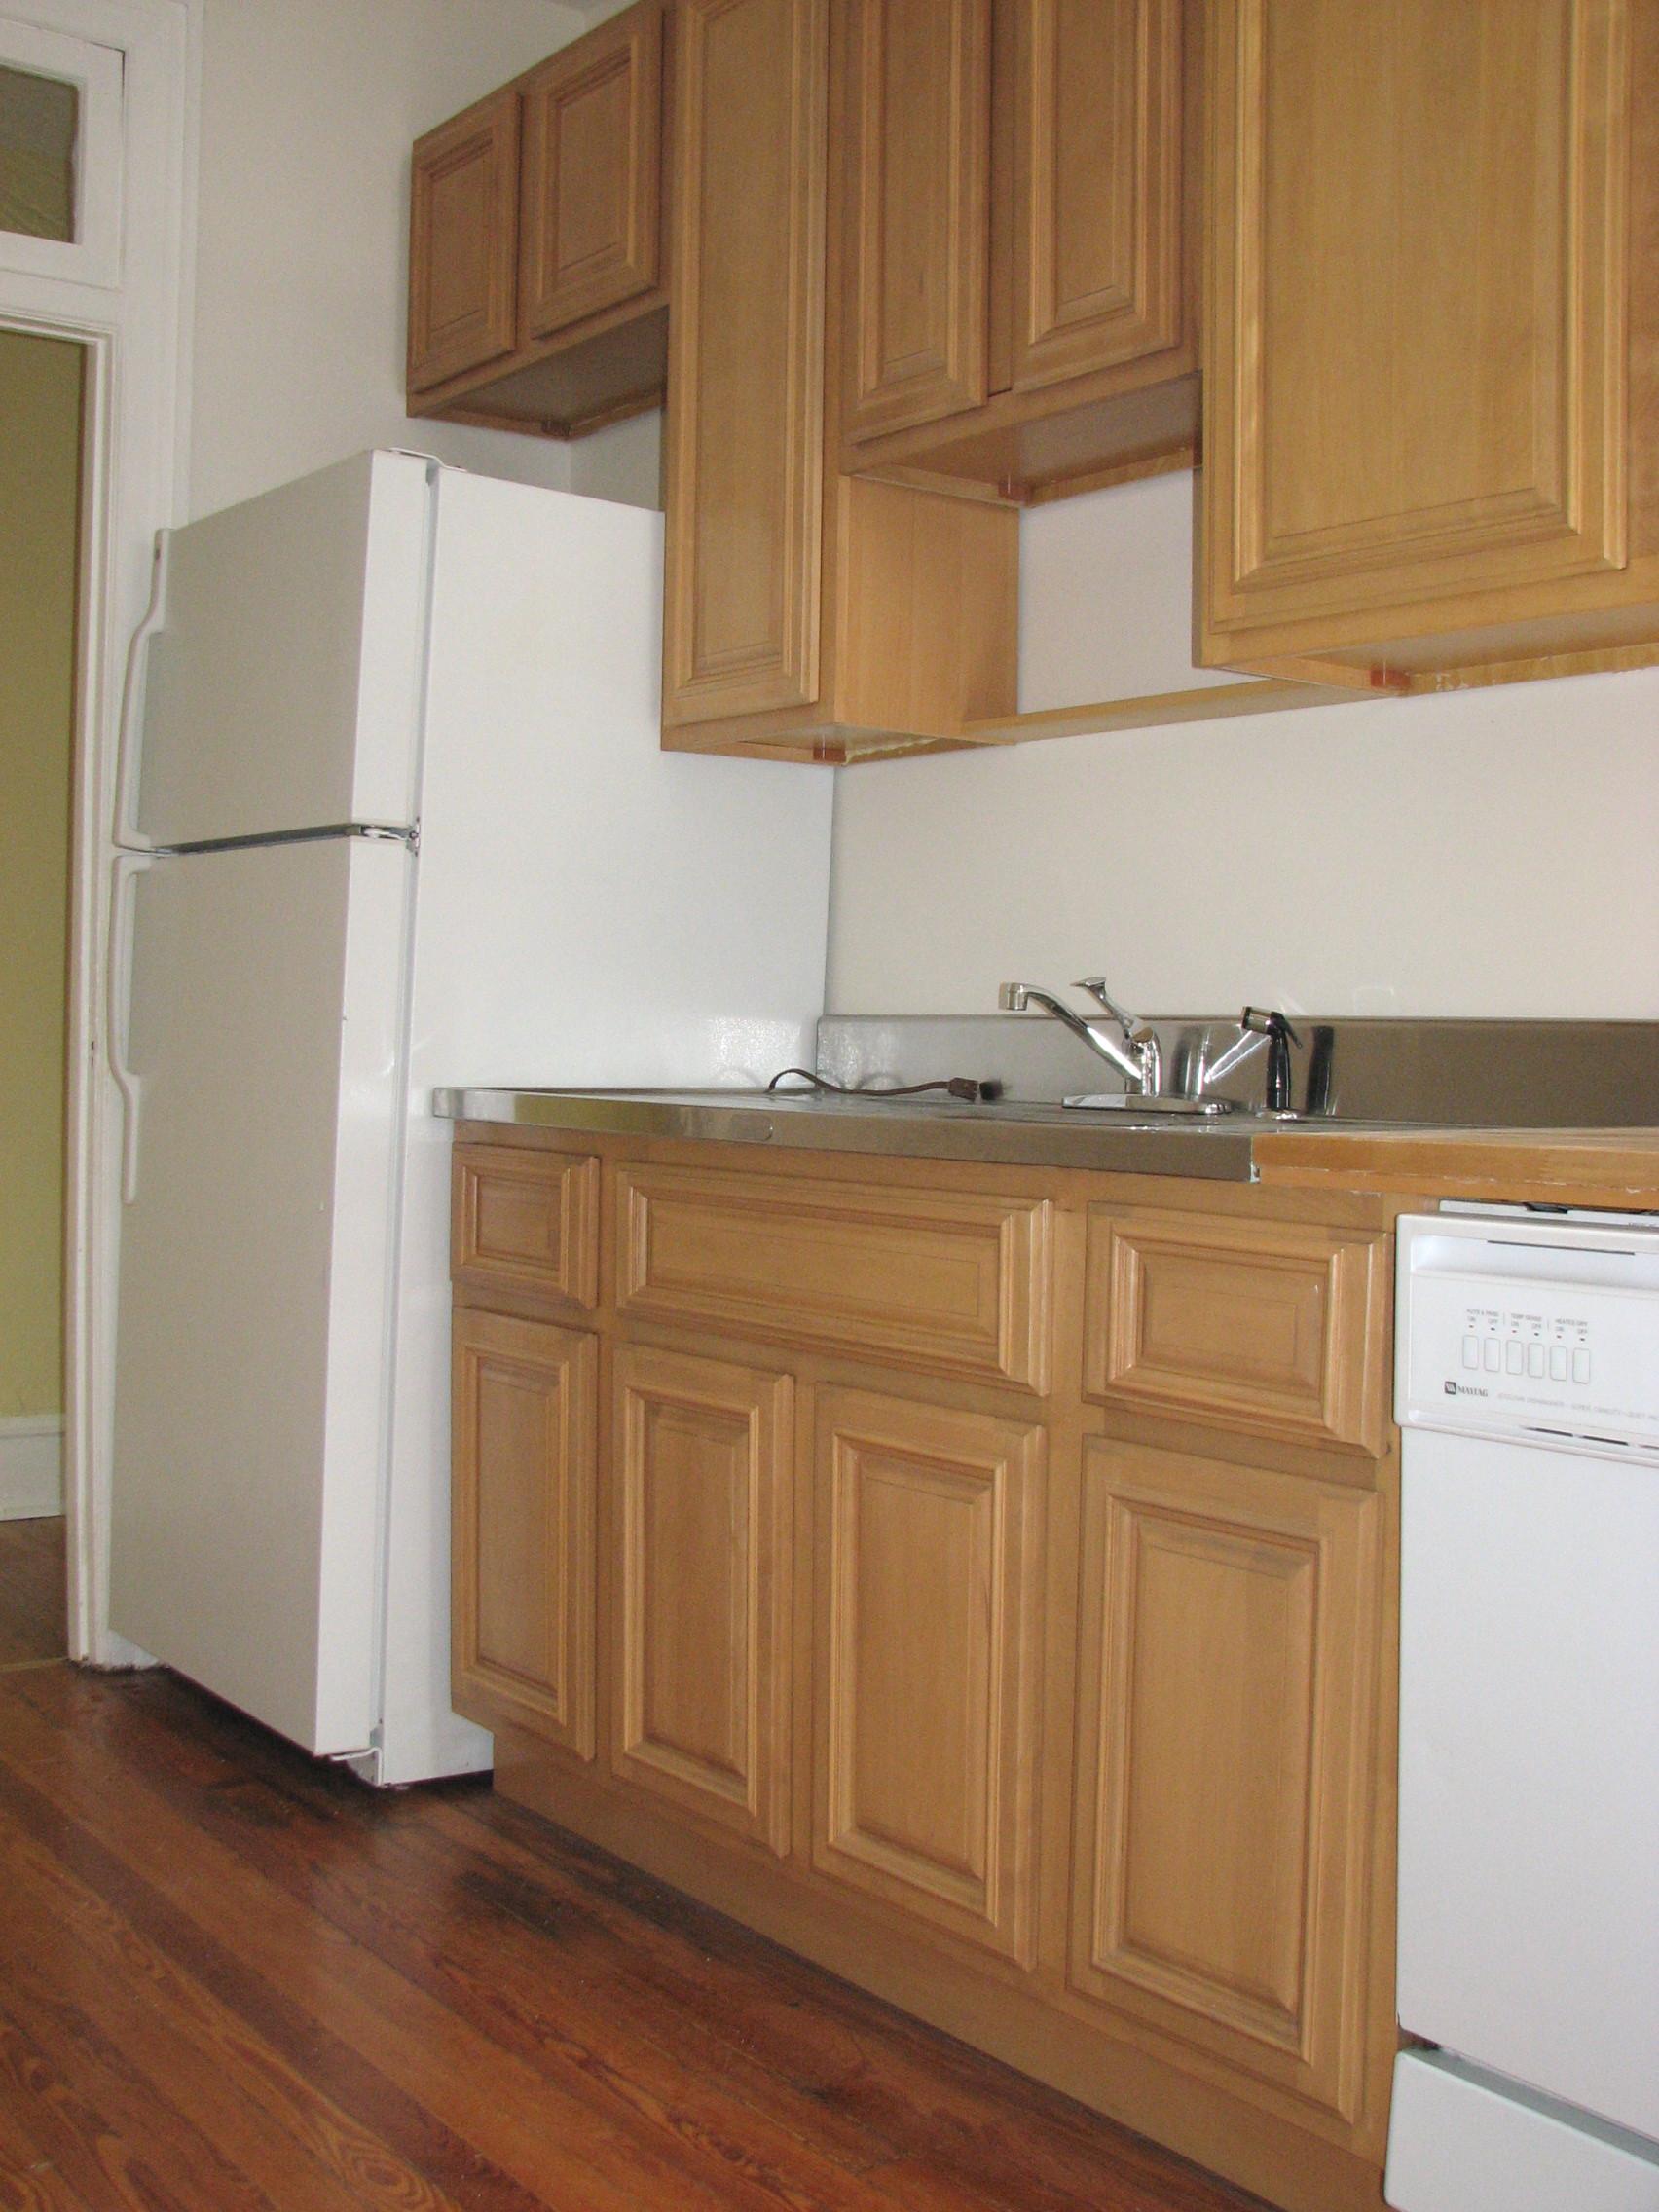 maple kitchen cabinetsDownload Wallpaper Kitchen Cabinets 1704 2272 1704x2272